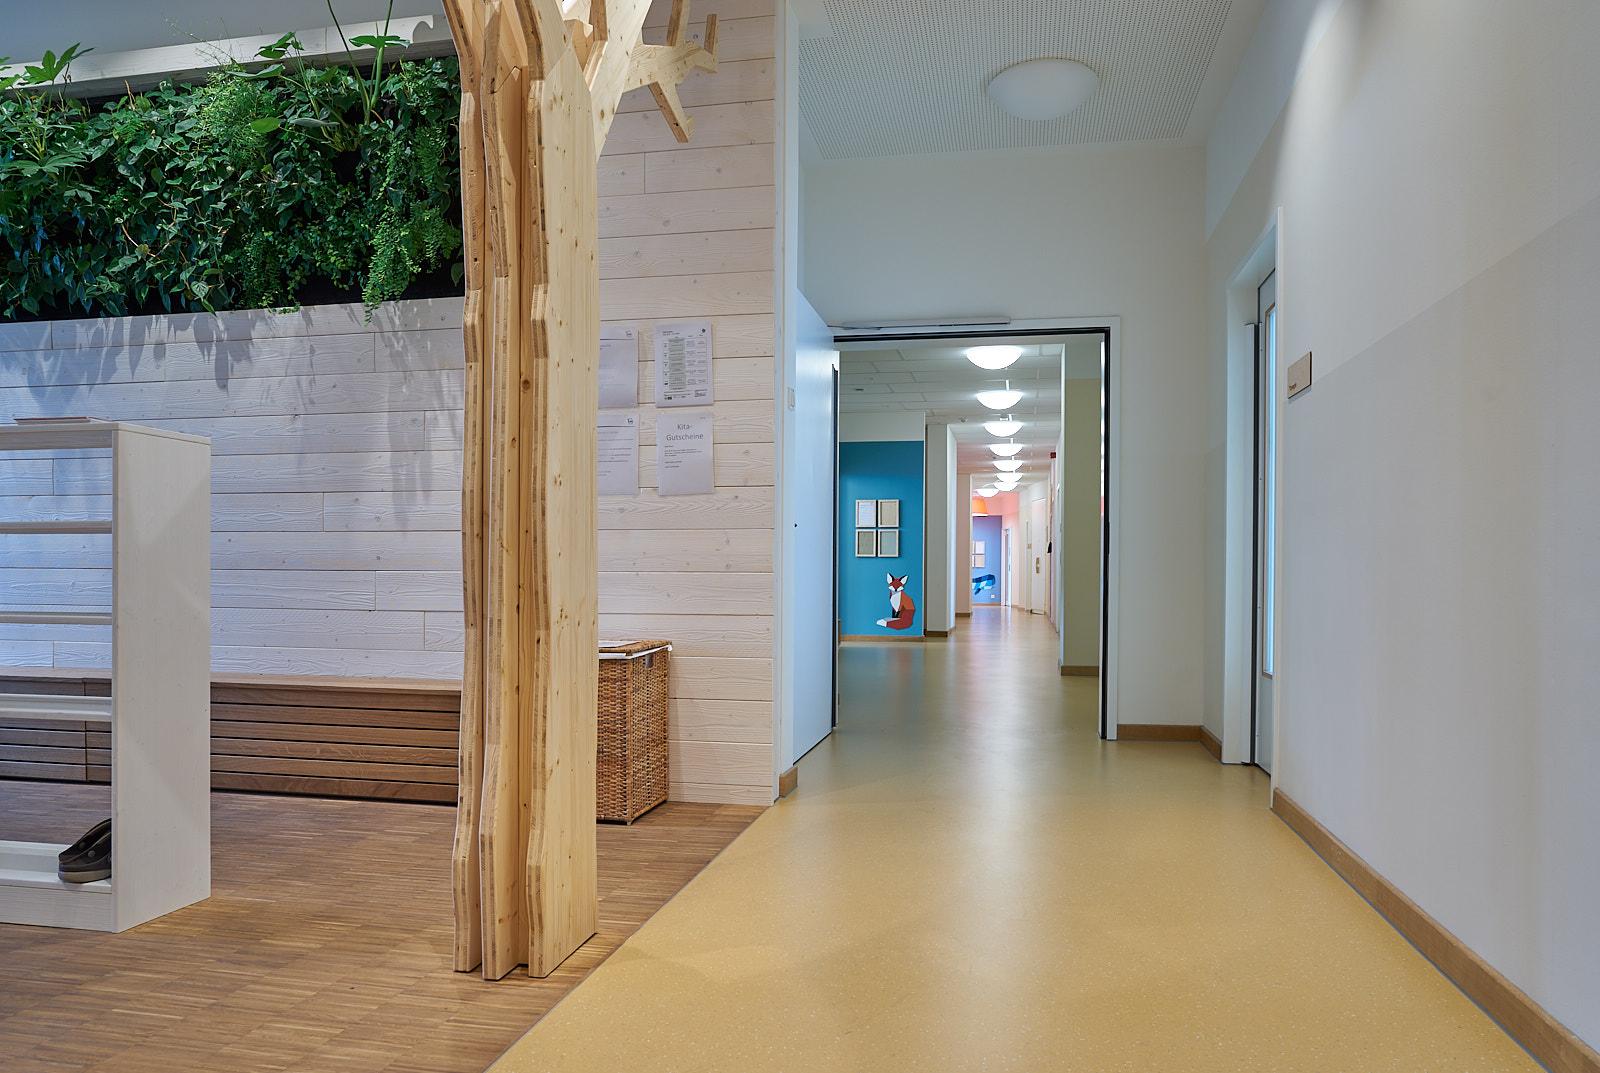 Hamburg, Neue Mitte Altona, Moete, Kita Sandvika, Flur, Kita, Kindergarten, Kindertagesstätte, Krippe 03.jpg